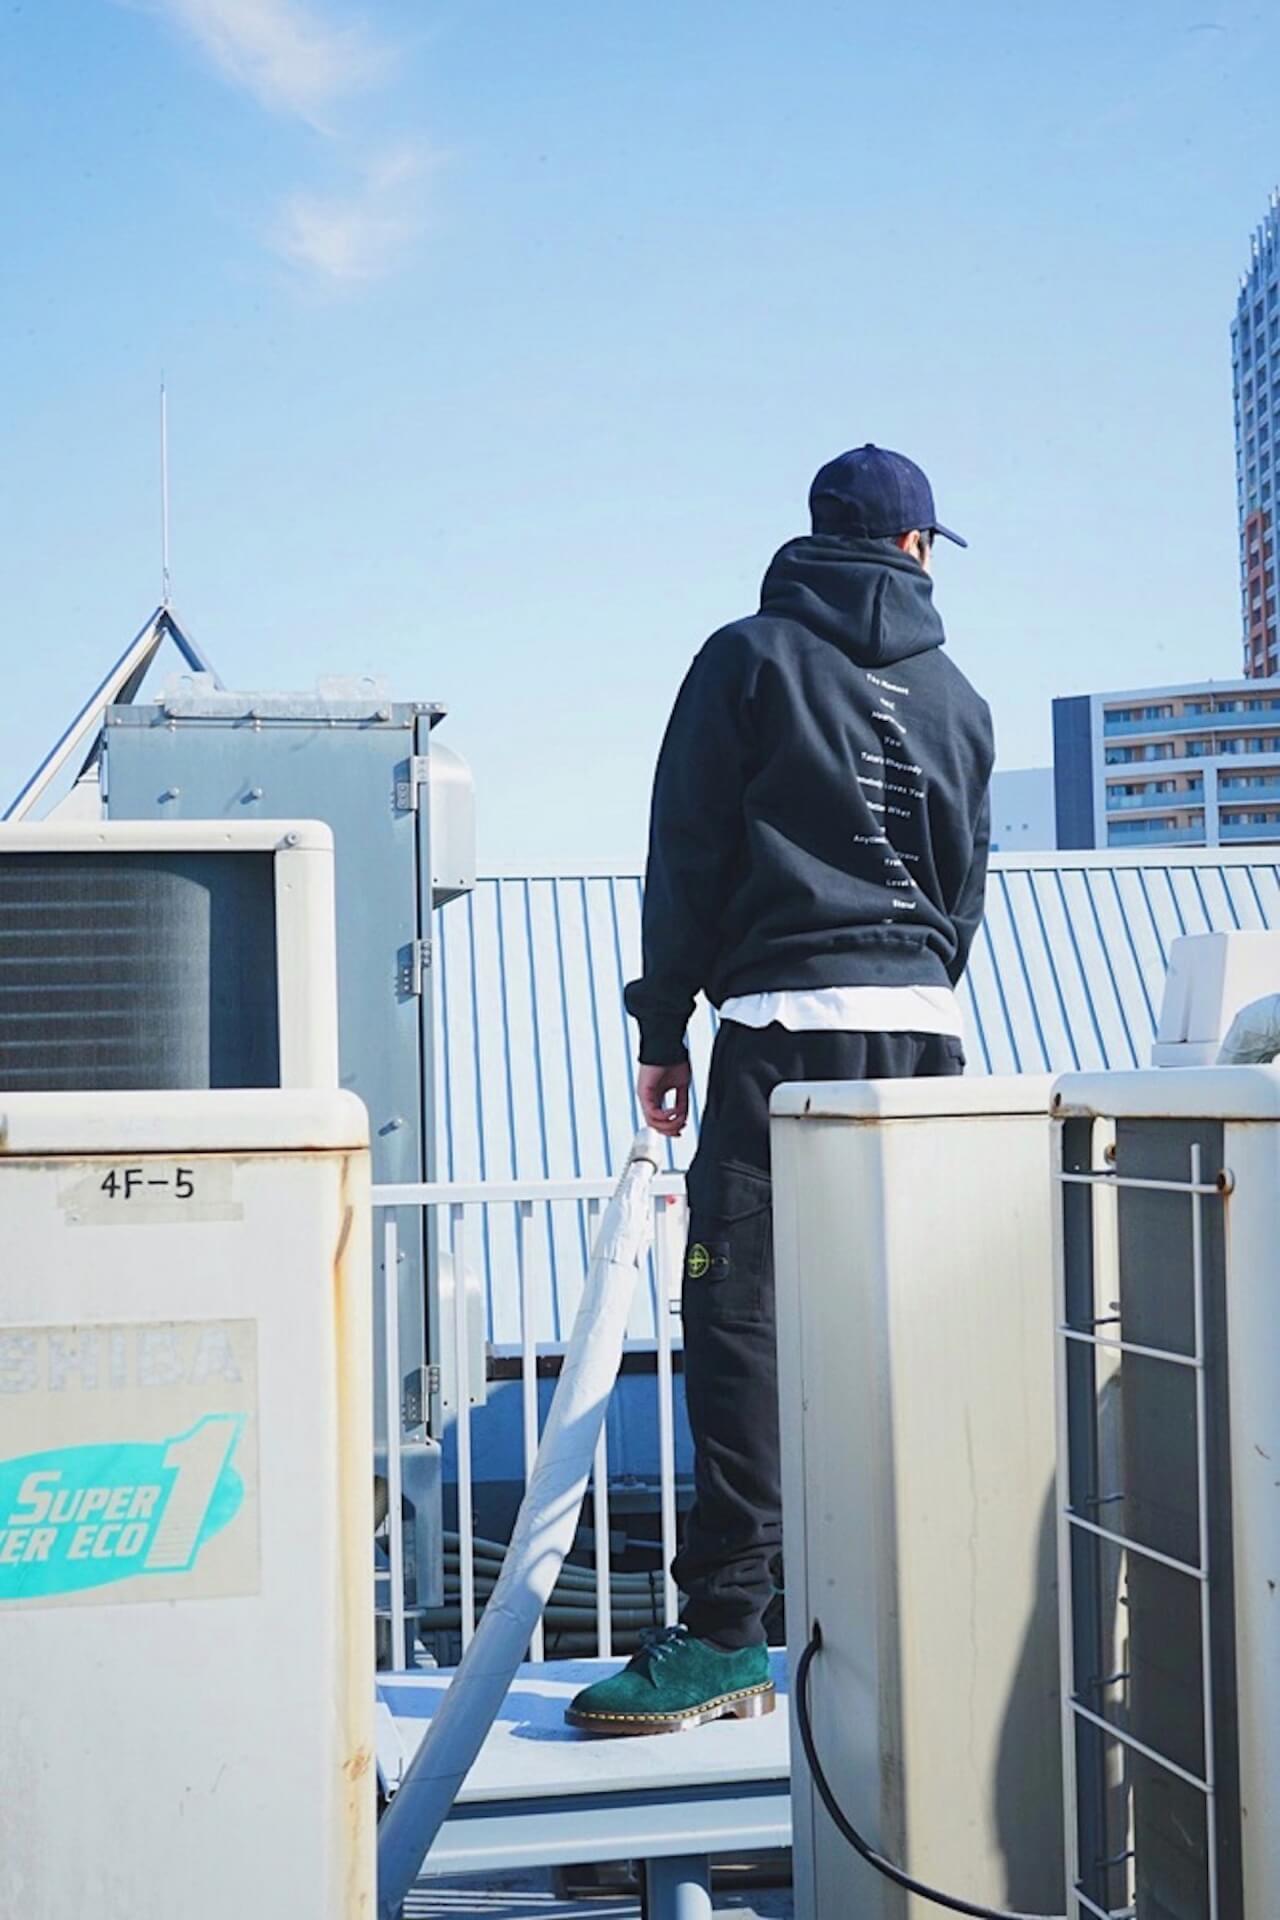 Ryohuの1st Album『DEBUT』リリースを記念したポップアップが開催決定!オカモトレイジリミックス曲付属のフーディーが登場 music201119_ryohu_debut_popup_3